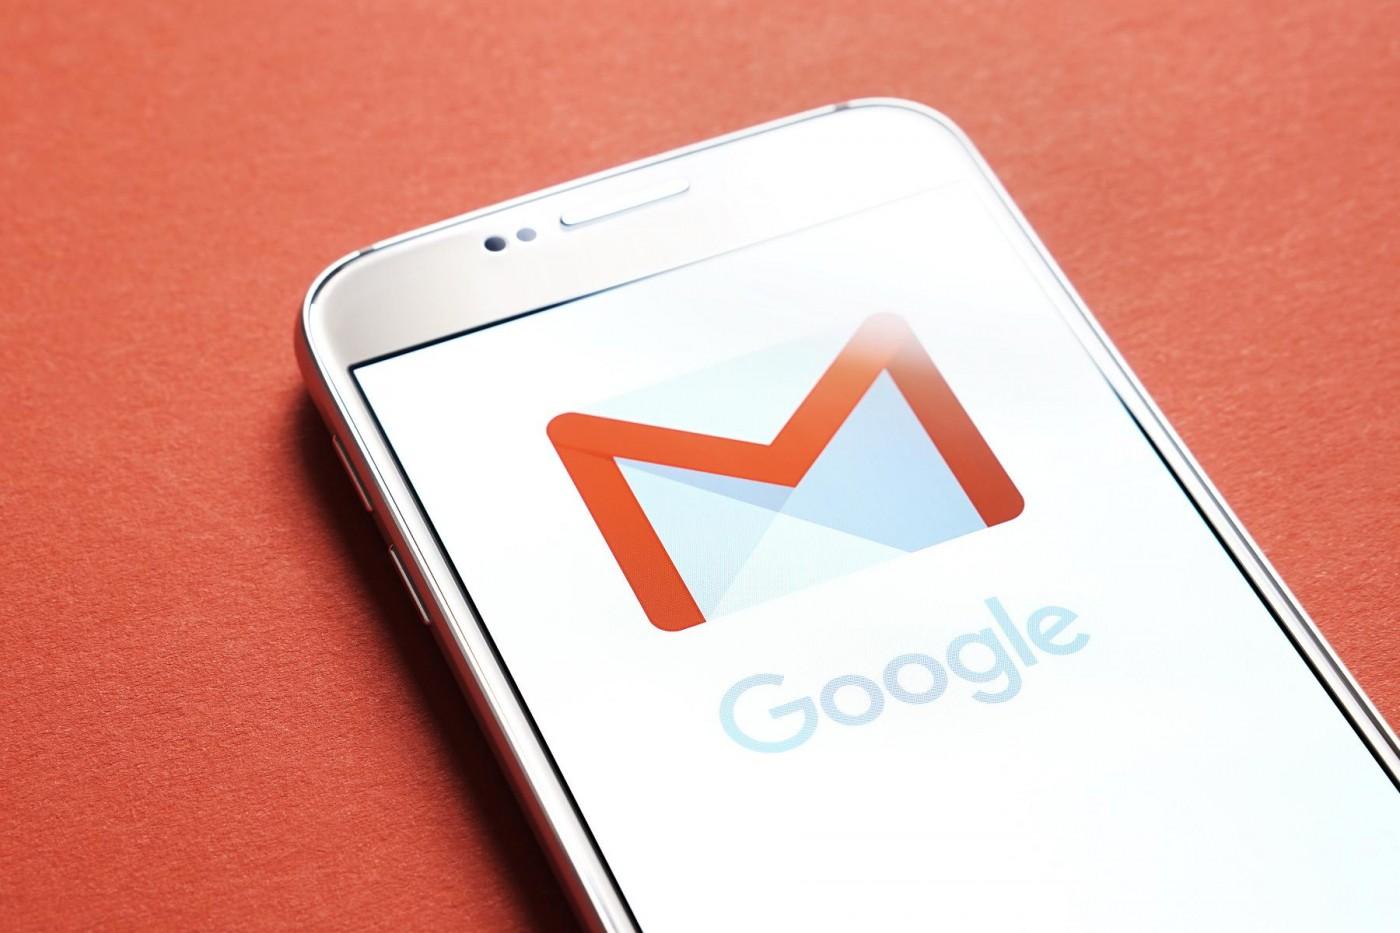 【更新】全球哀嚎,Google罕見大當機!Gmail、Google Drive都出槌